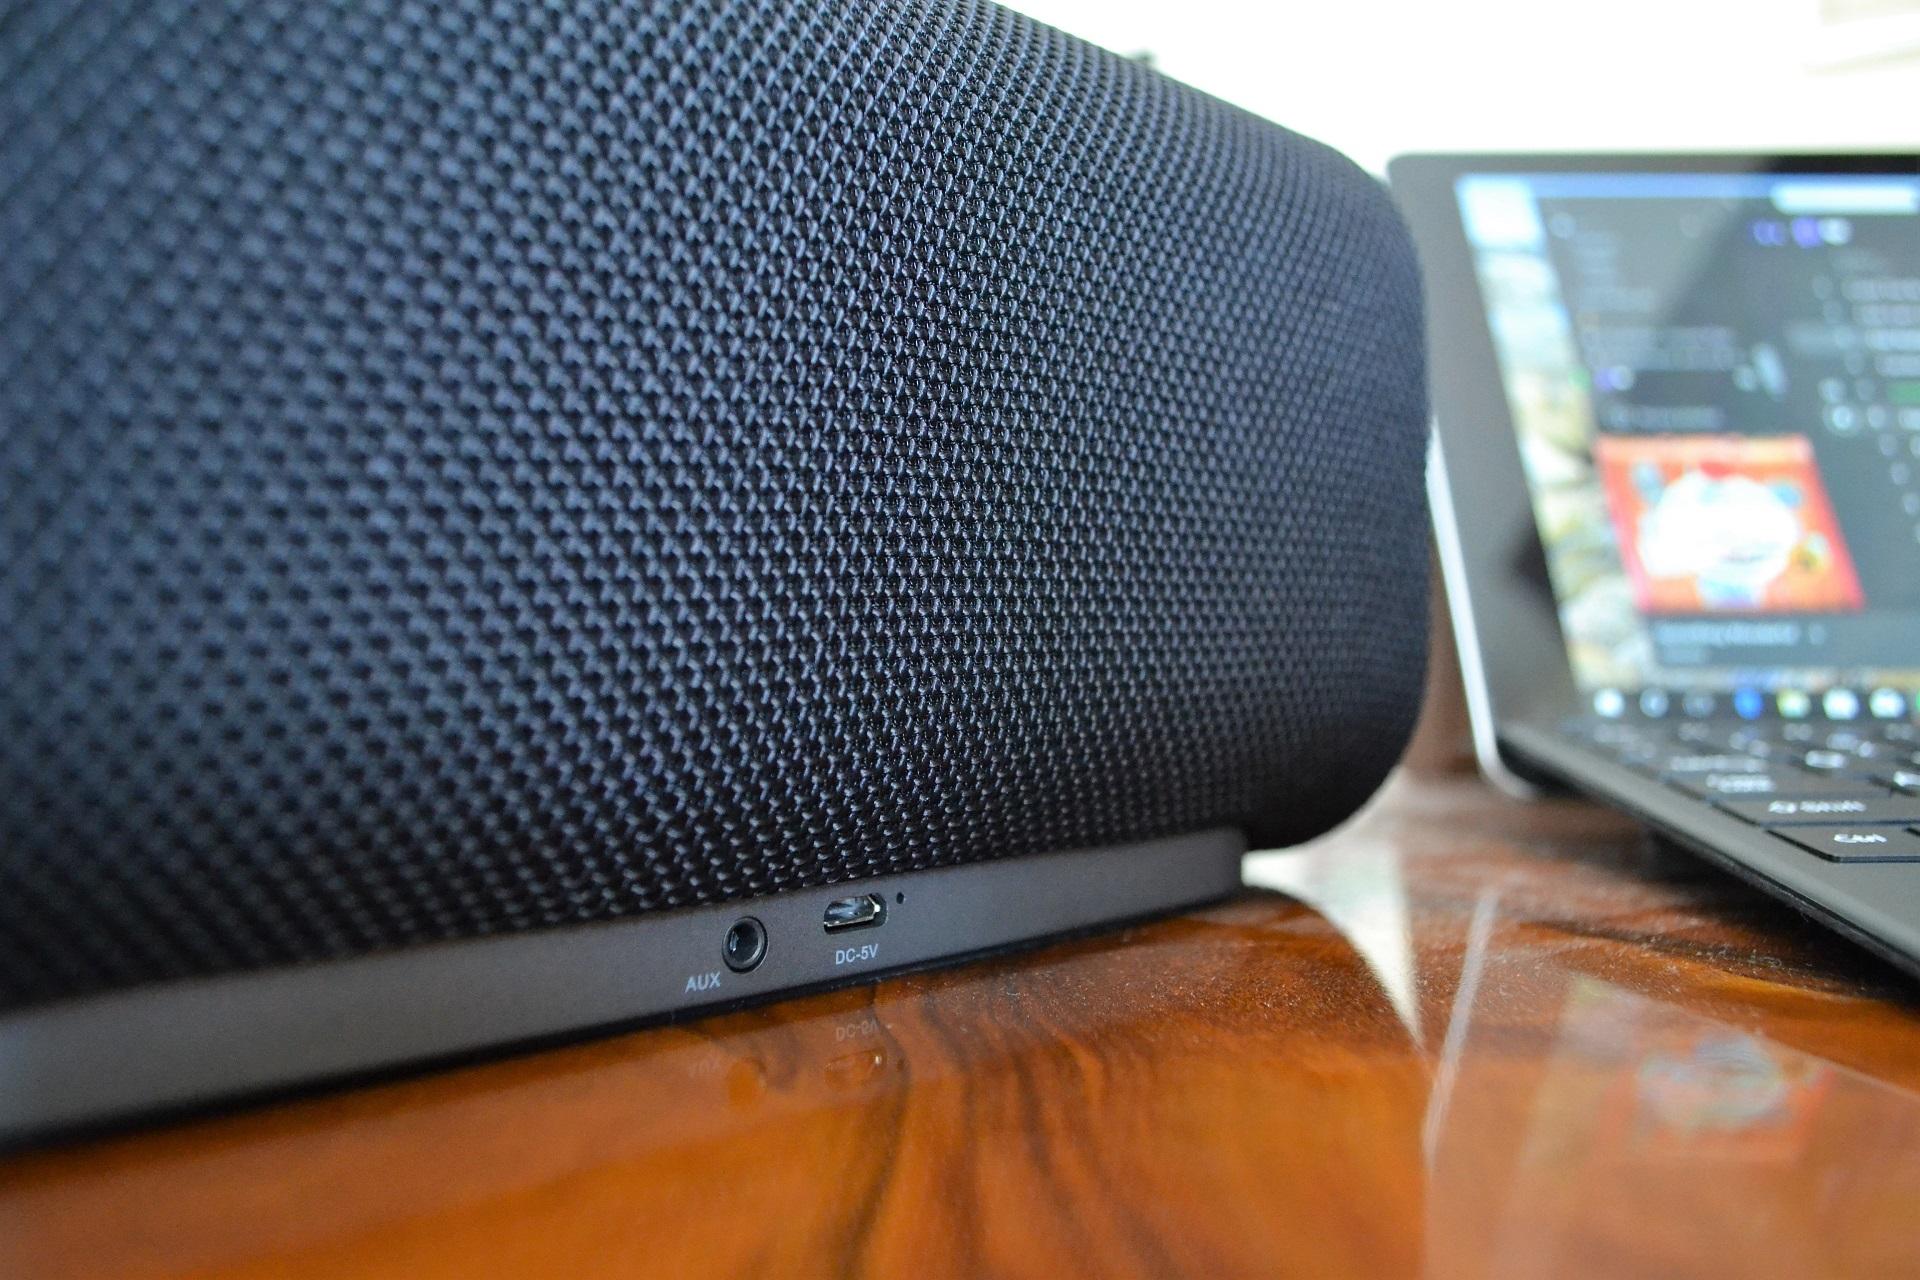 Aukey Eclipse speaker altoparlante cassa bluetooth porte connettivita